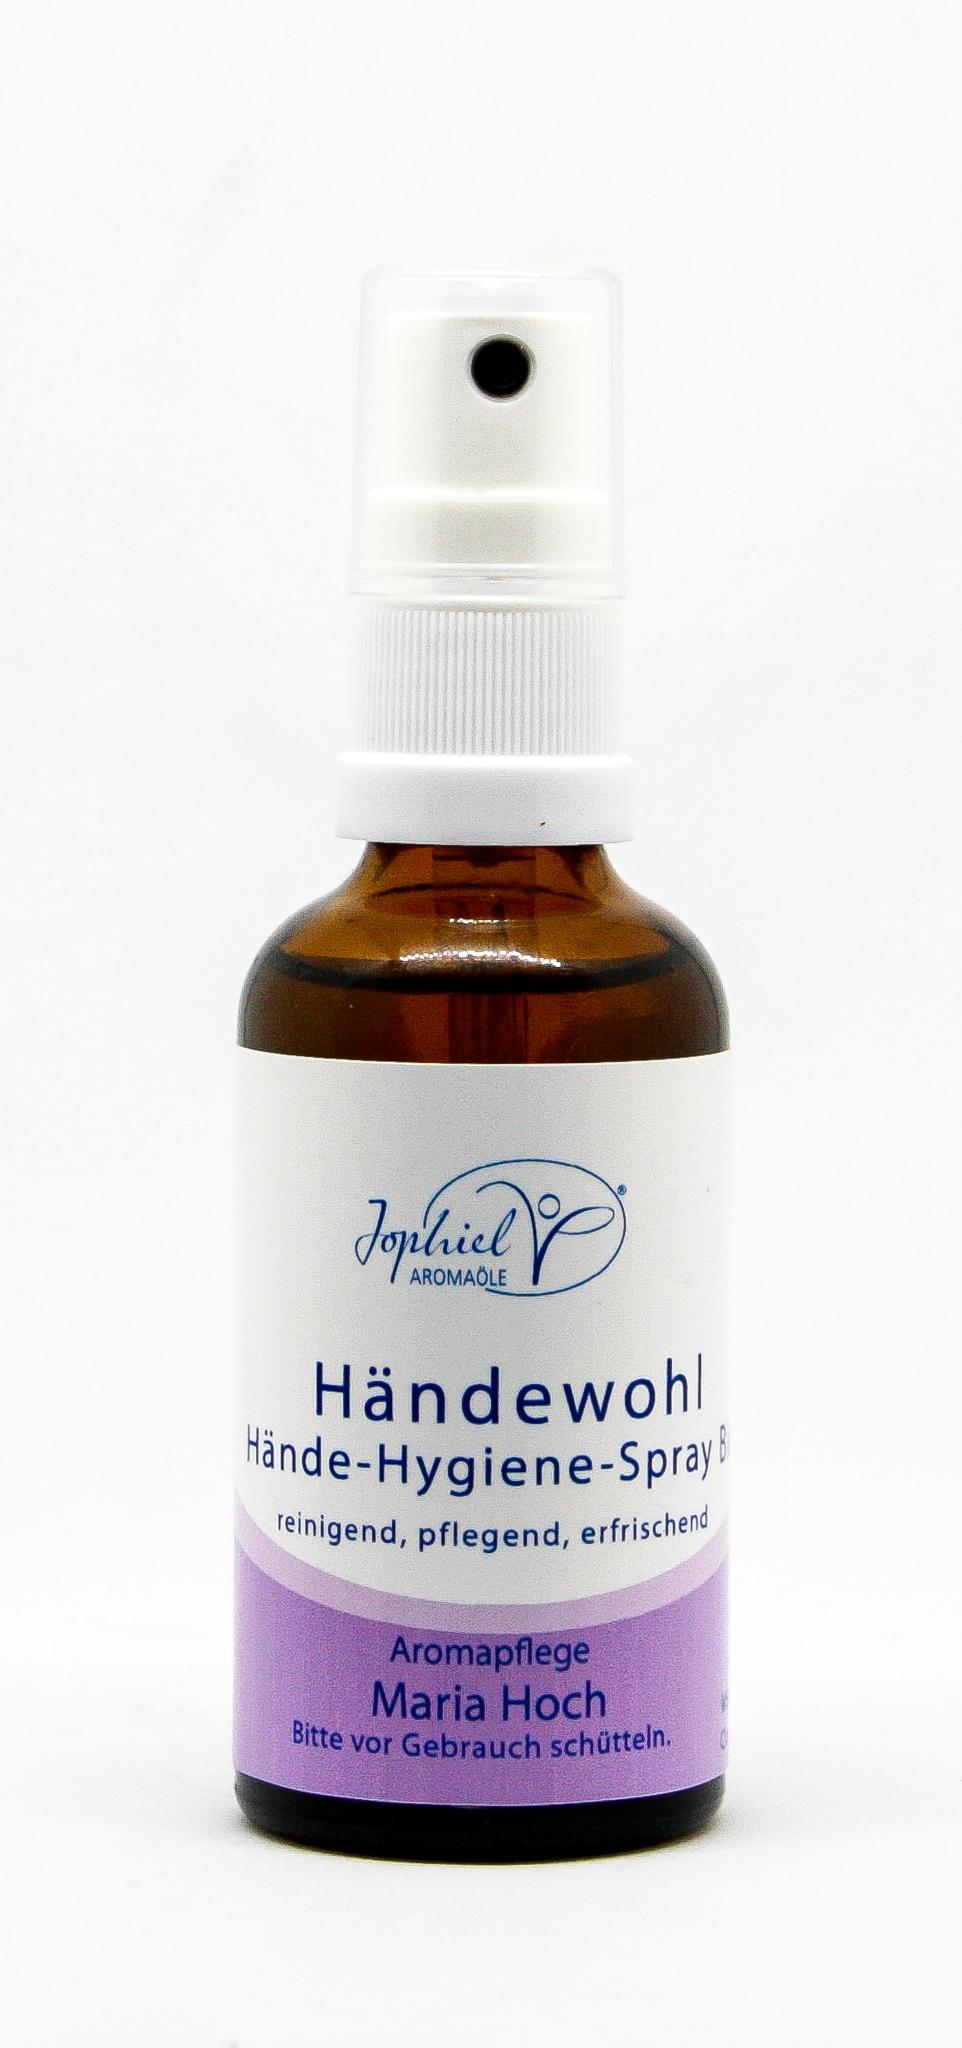 Händewohl Hand-Hygiene-Spray Bio 50 ml